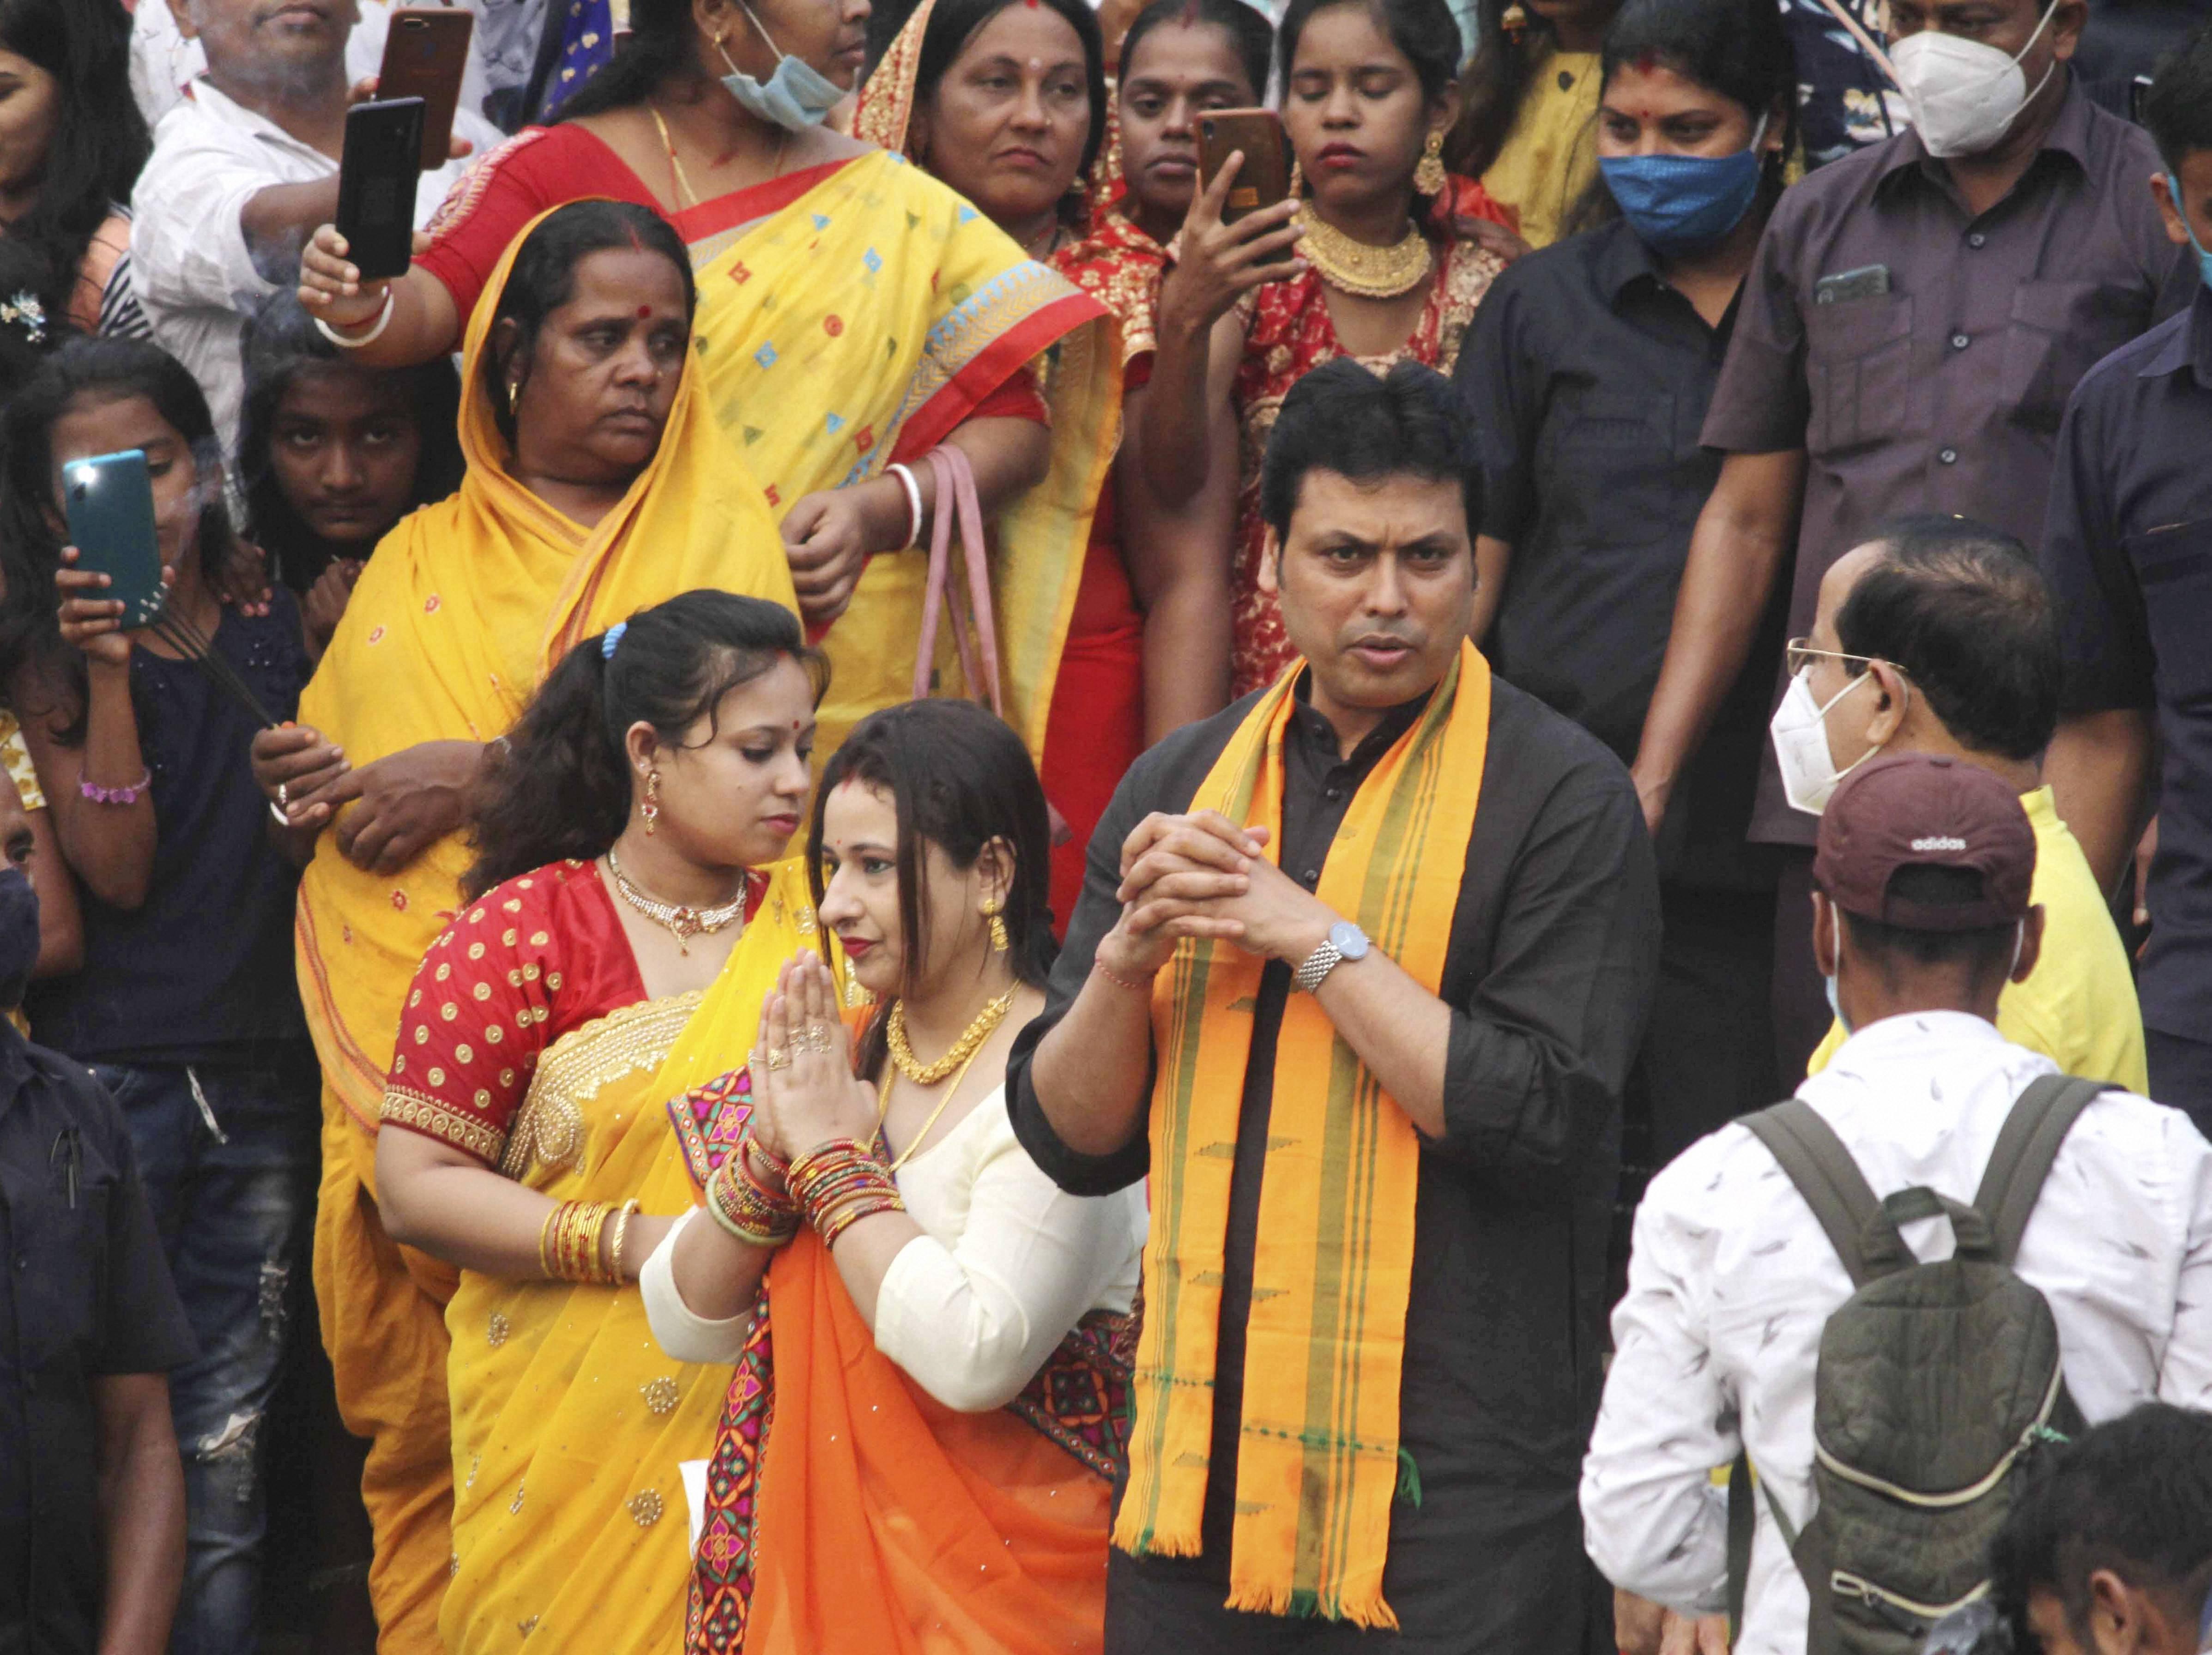 त्रिपुरा के सीएम बिप्लब कुमार पूजा करने पहुंचे।